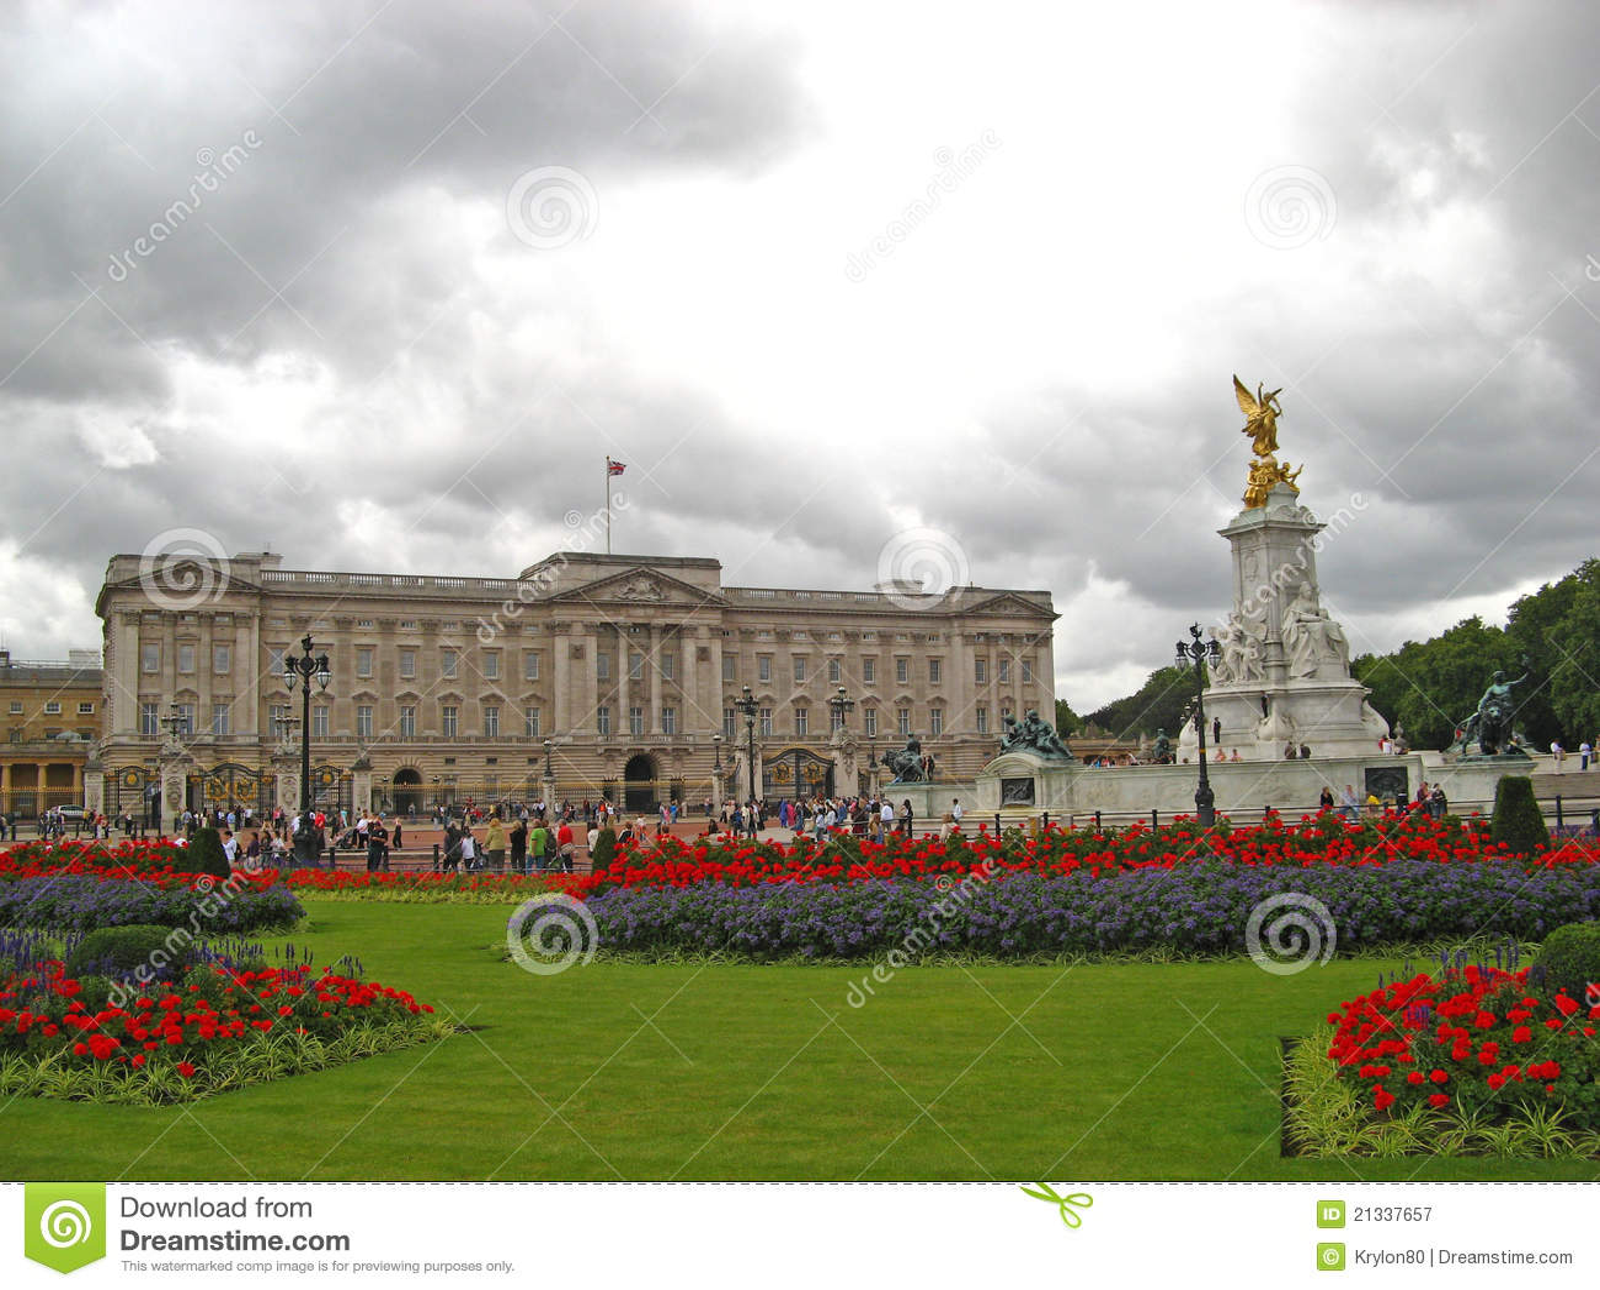 Buckingham Palace 02